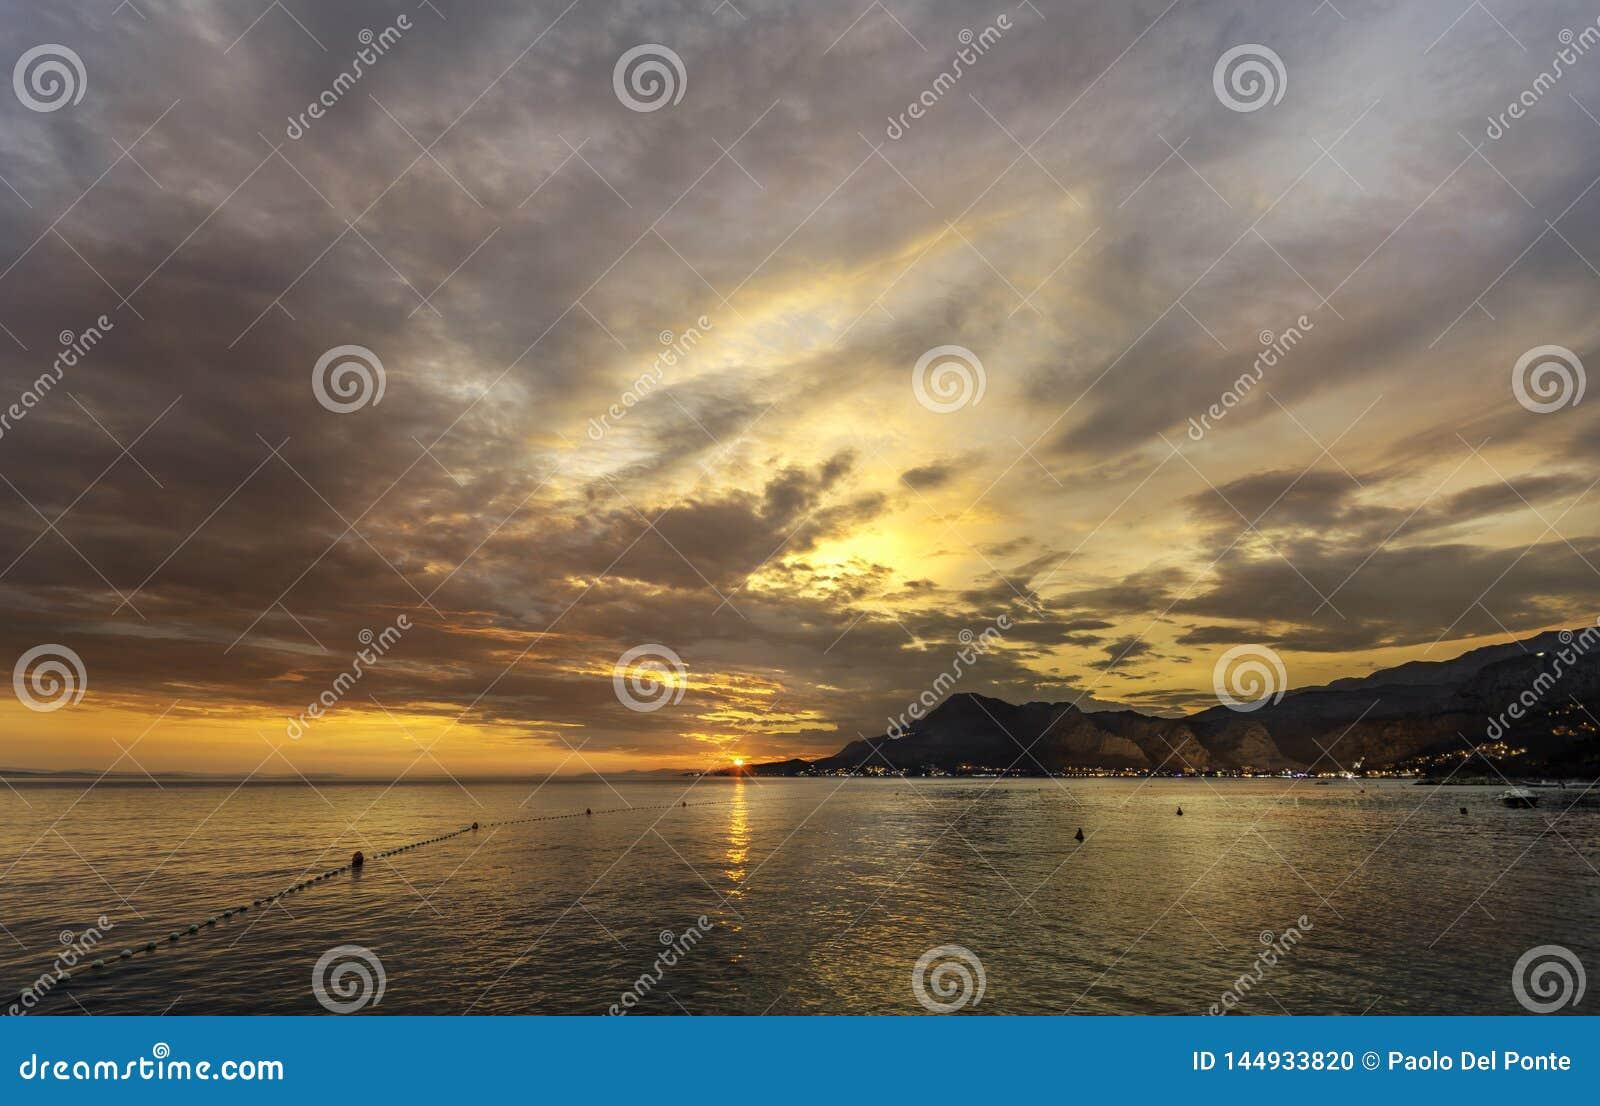 Zonsondergang in Omis Dalmatië met dramatische wolken bij hemel en nachtlichten in stad op de kust bij rechterkant en open zee o